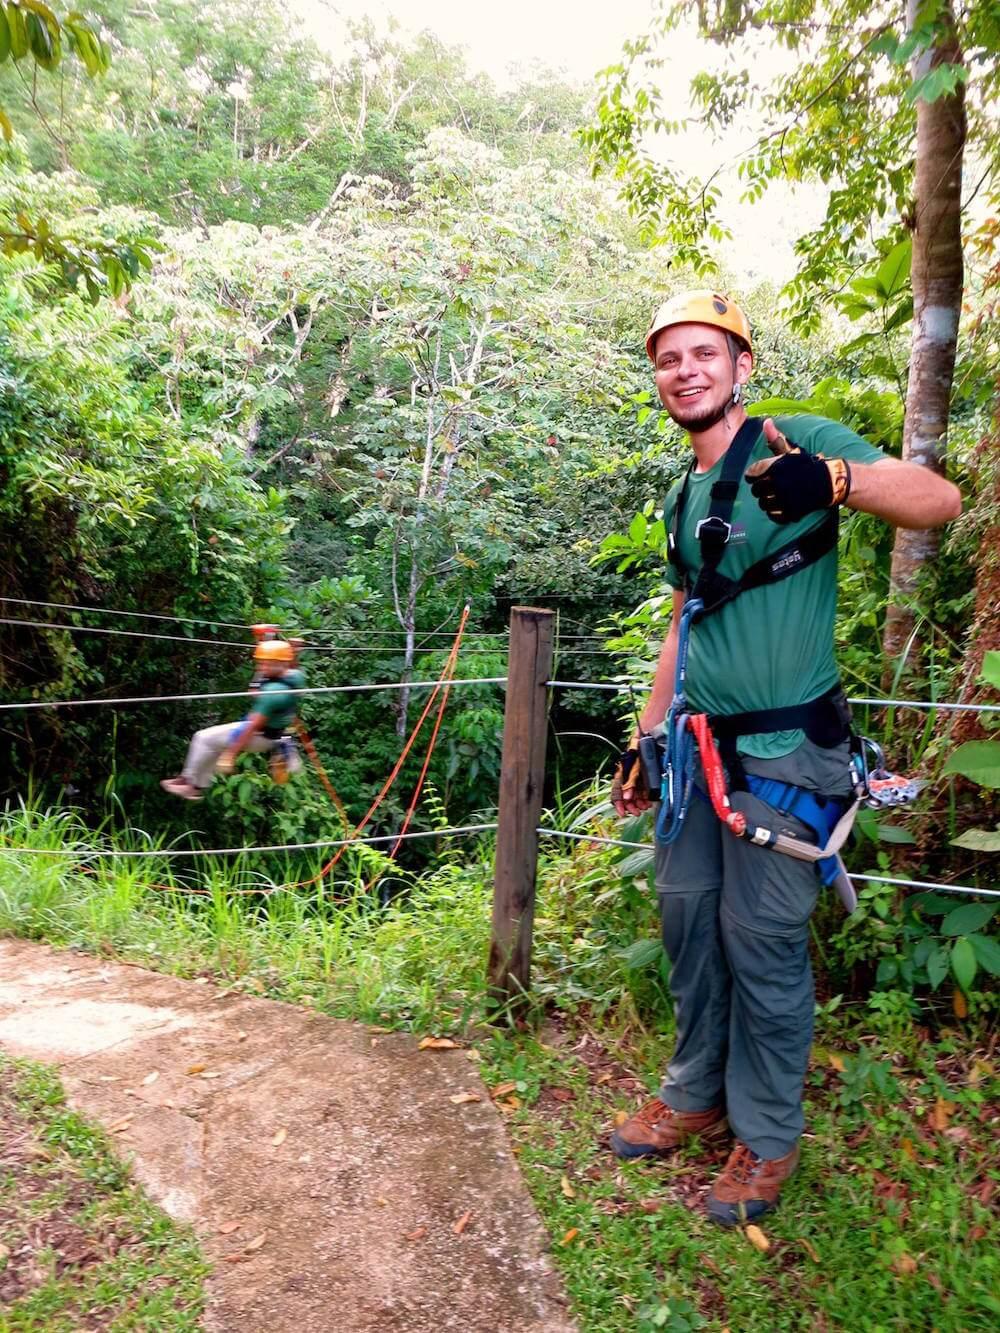 Zip line guide, Rainforest Adventures, Costa Rica